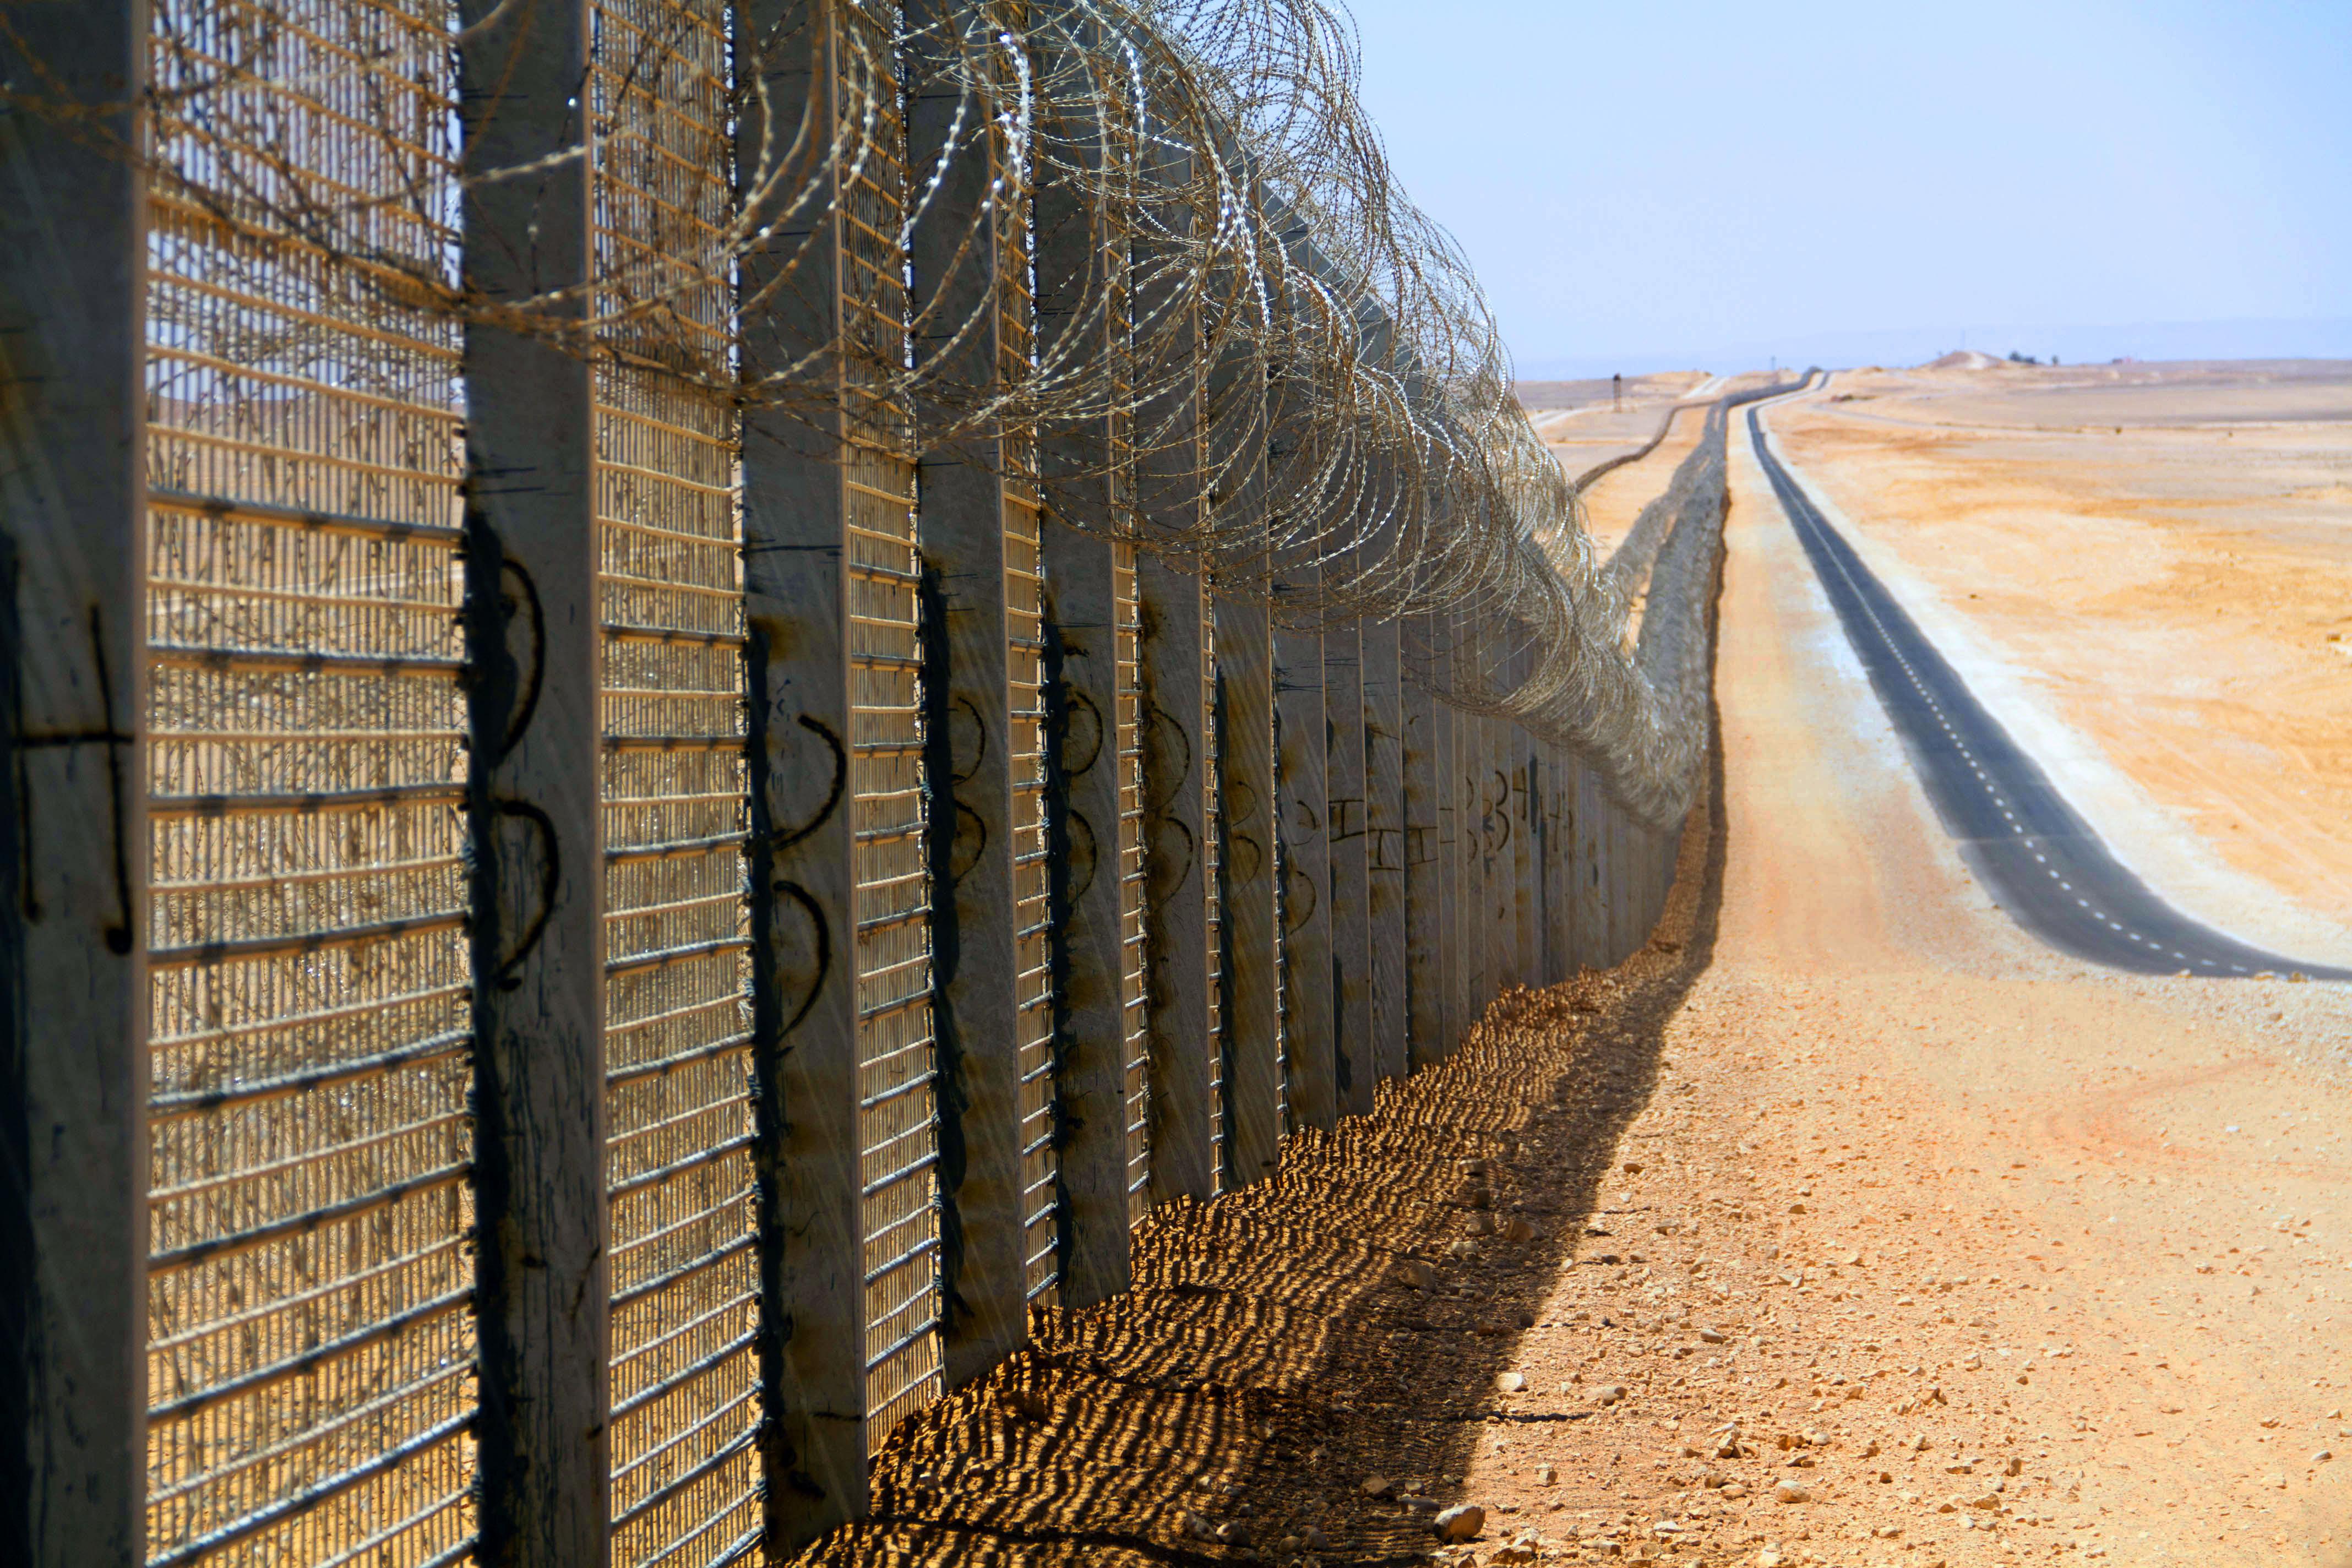 ISR-EGY_border_6521a_(1).jpg